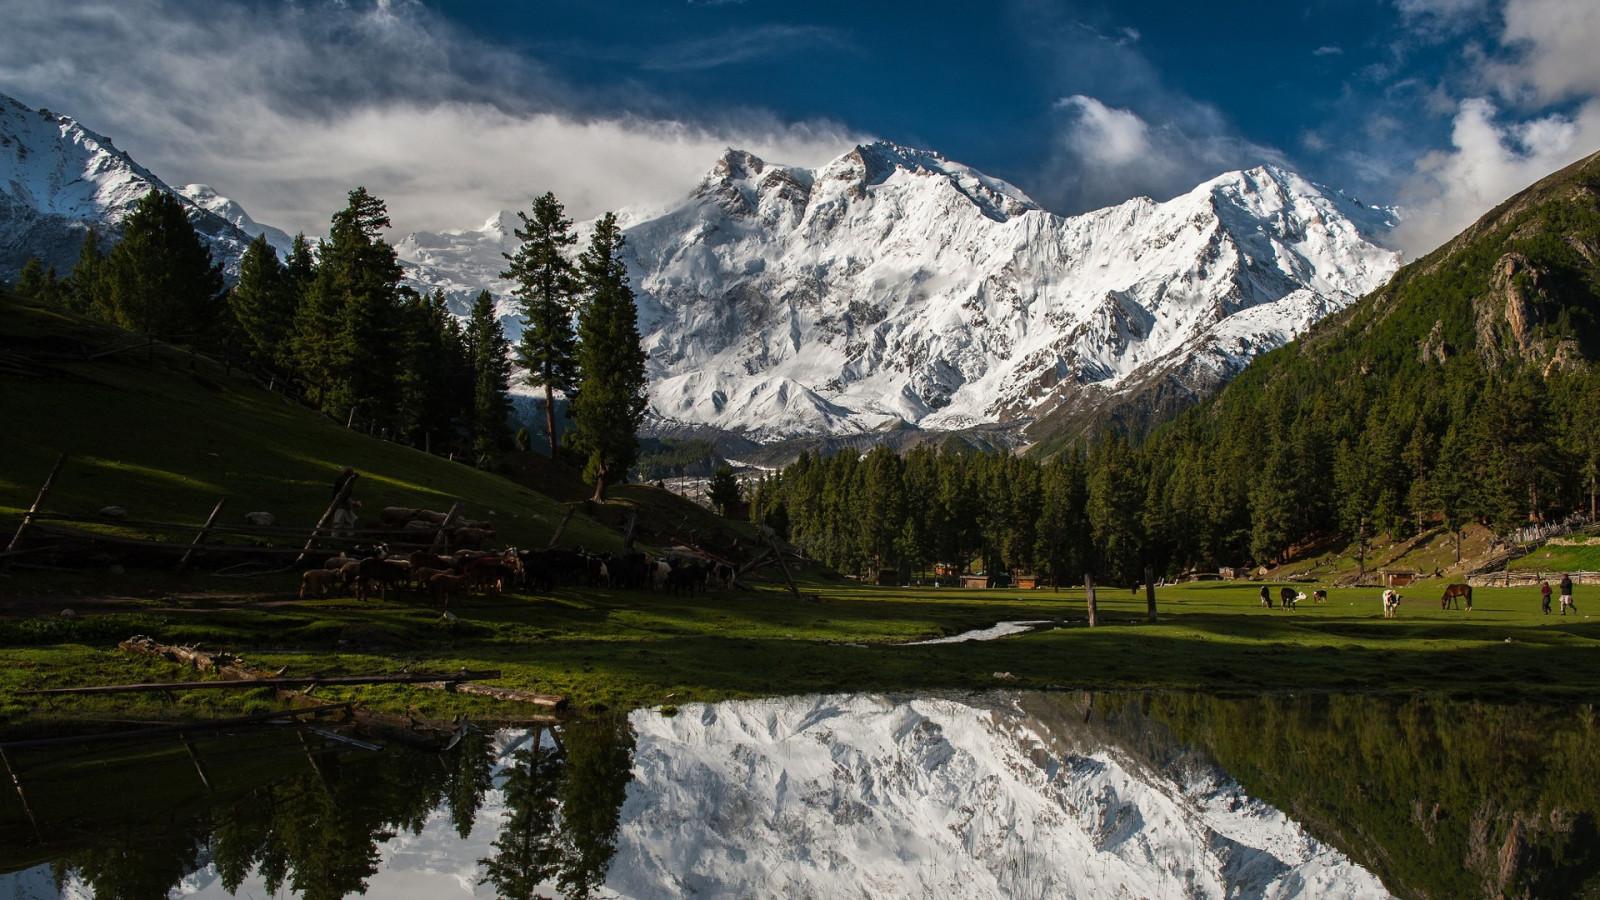 картинки красивых горных местностях платину часто